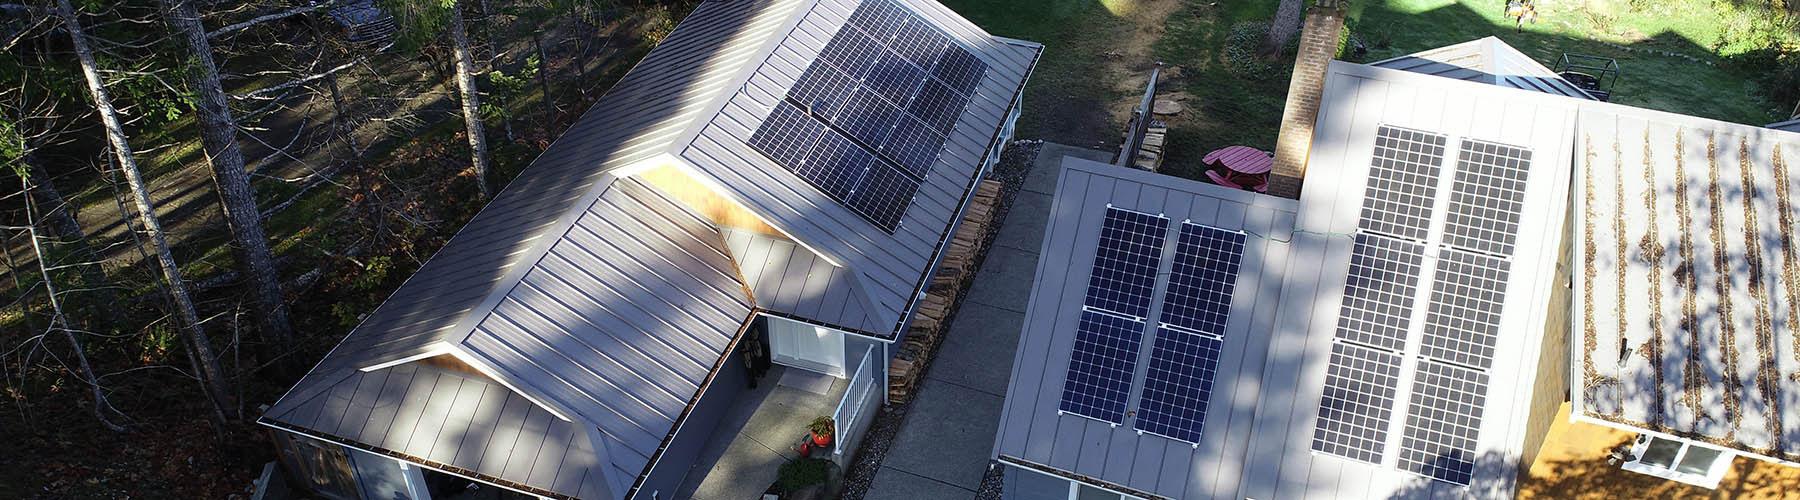 Solarpanelinstallation3